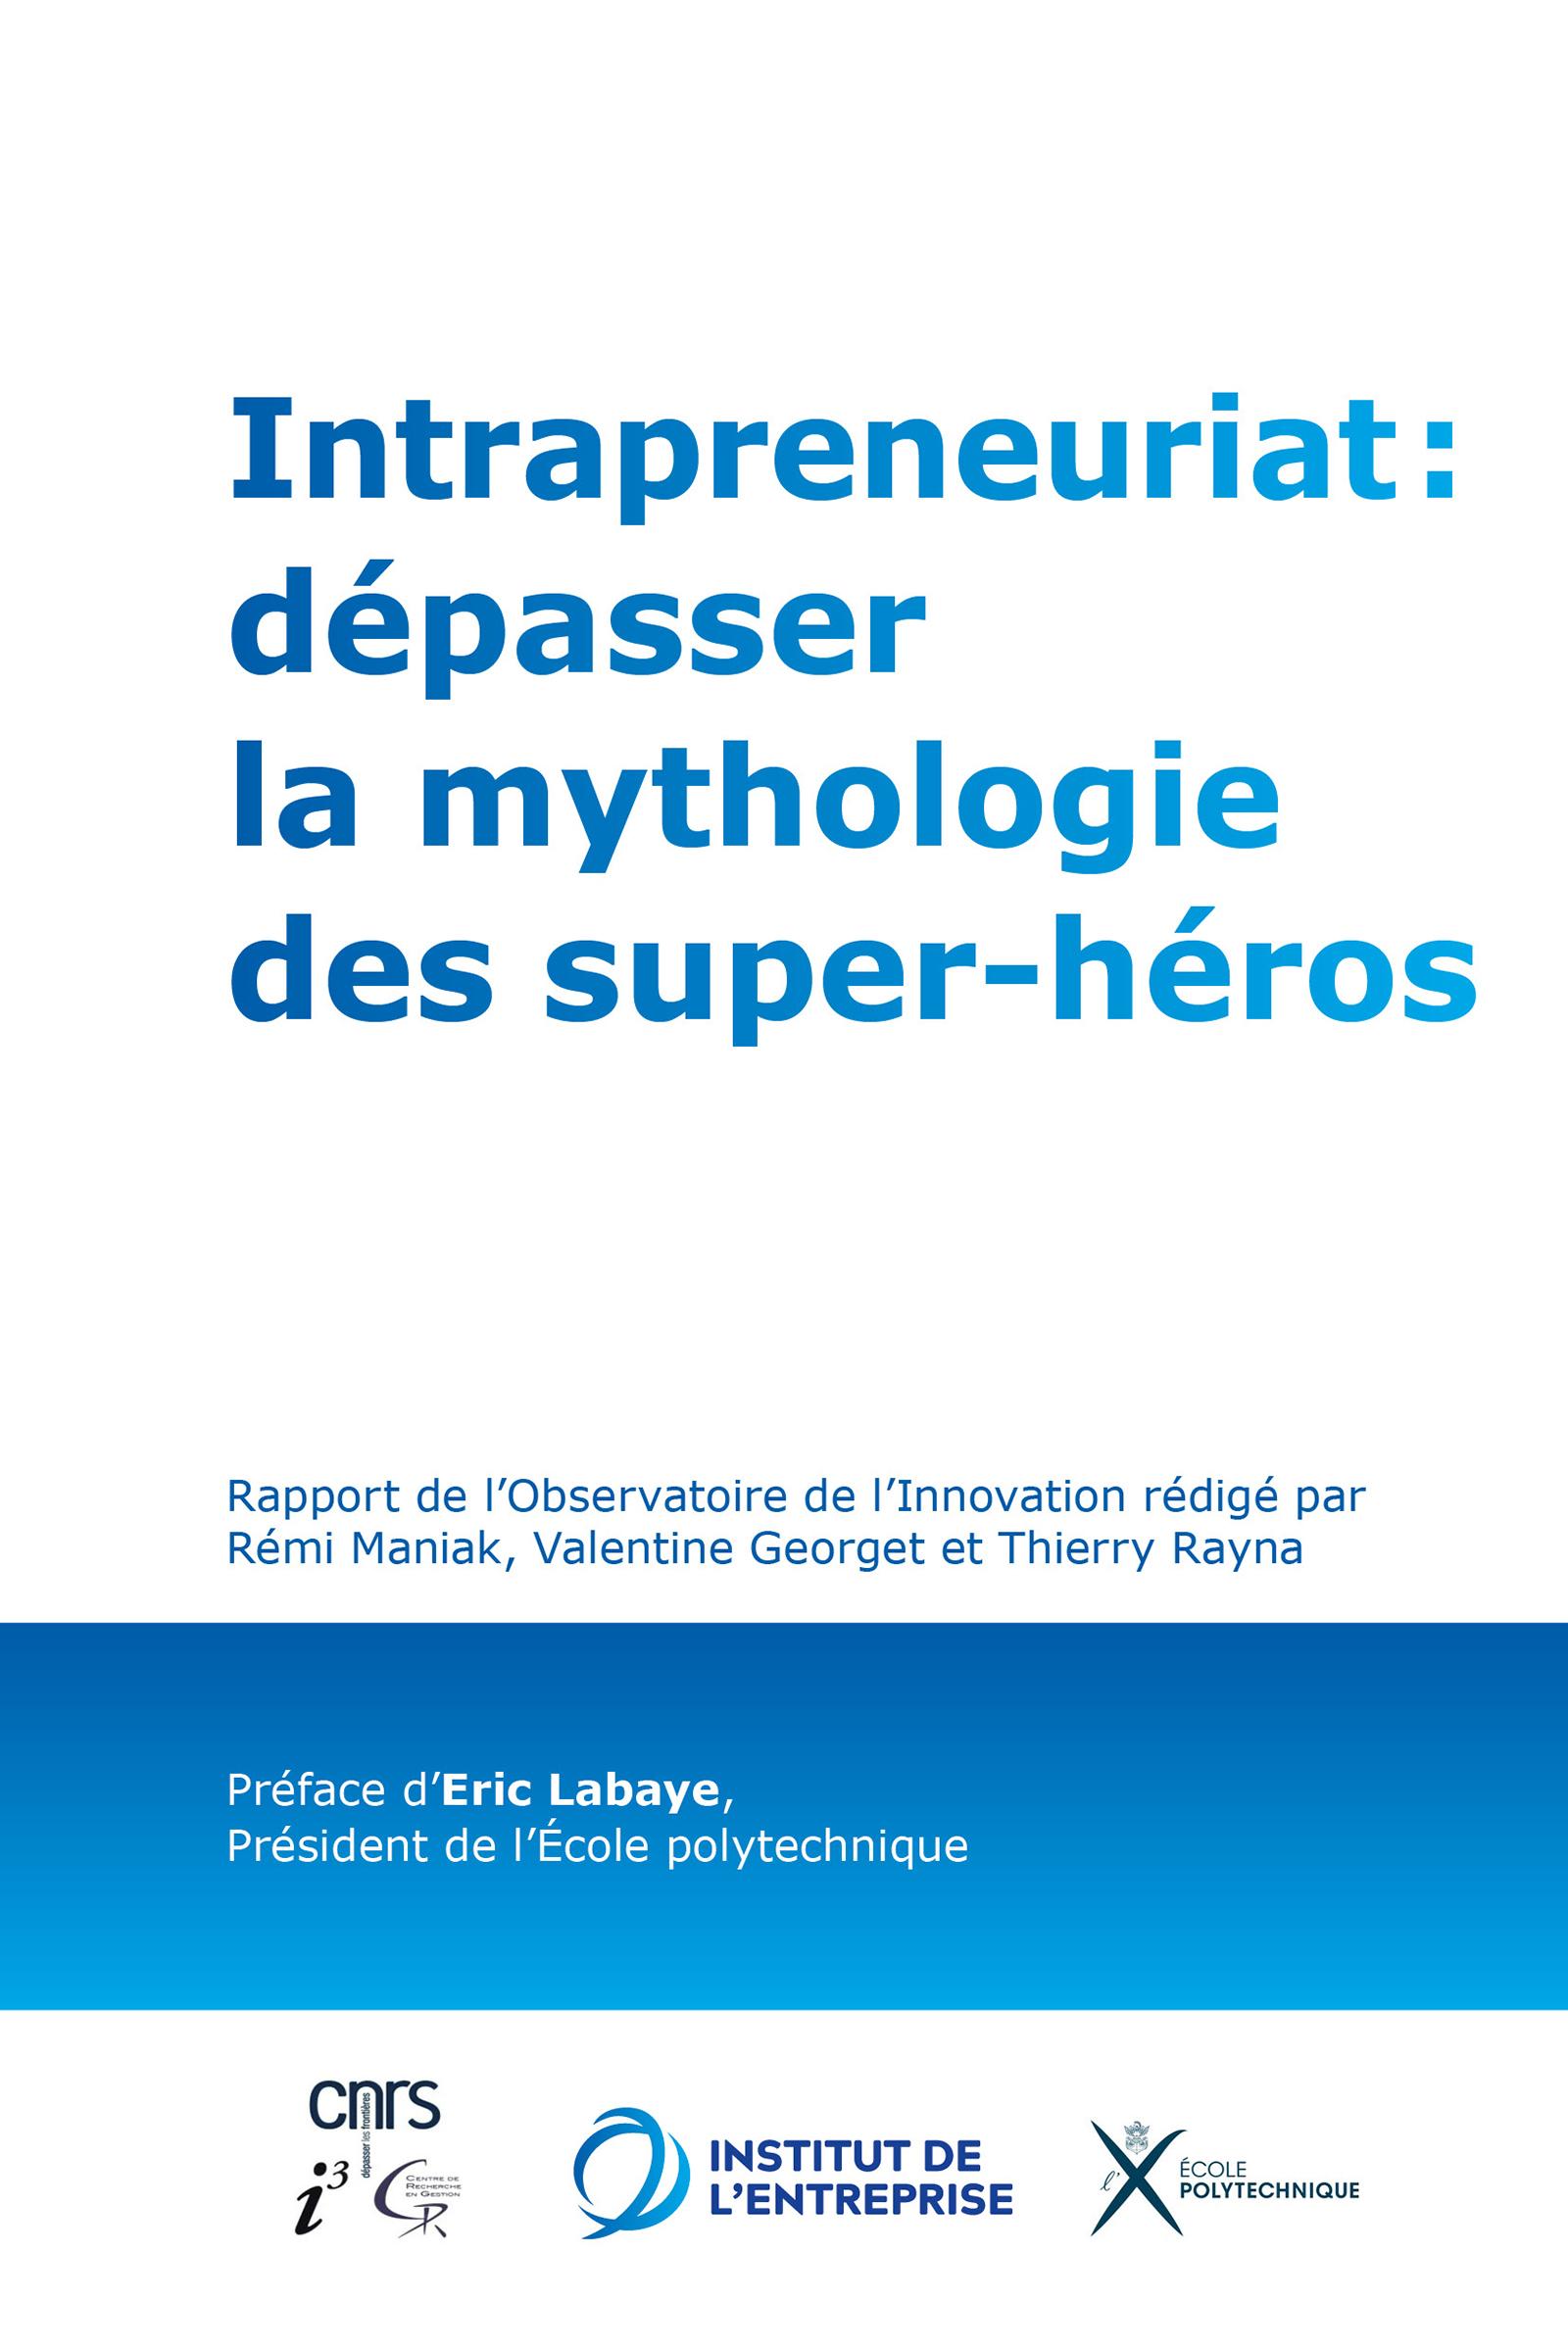 Intrapreneuriat : d?passer la mythologie des super-h?ros, Rapport de l'Observatoire de l'Innovation